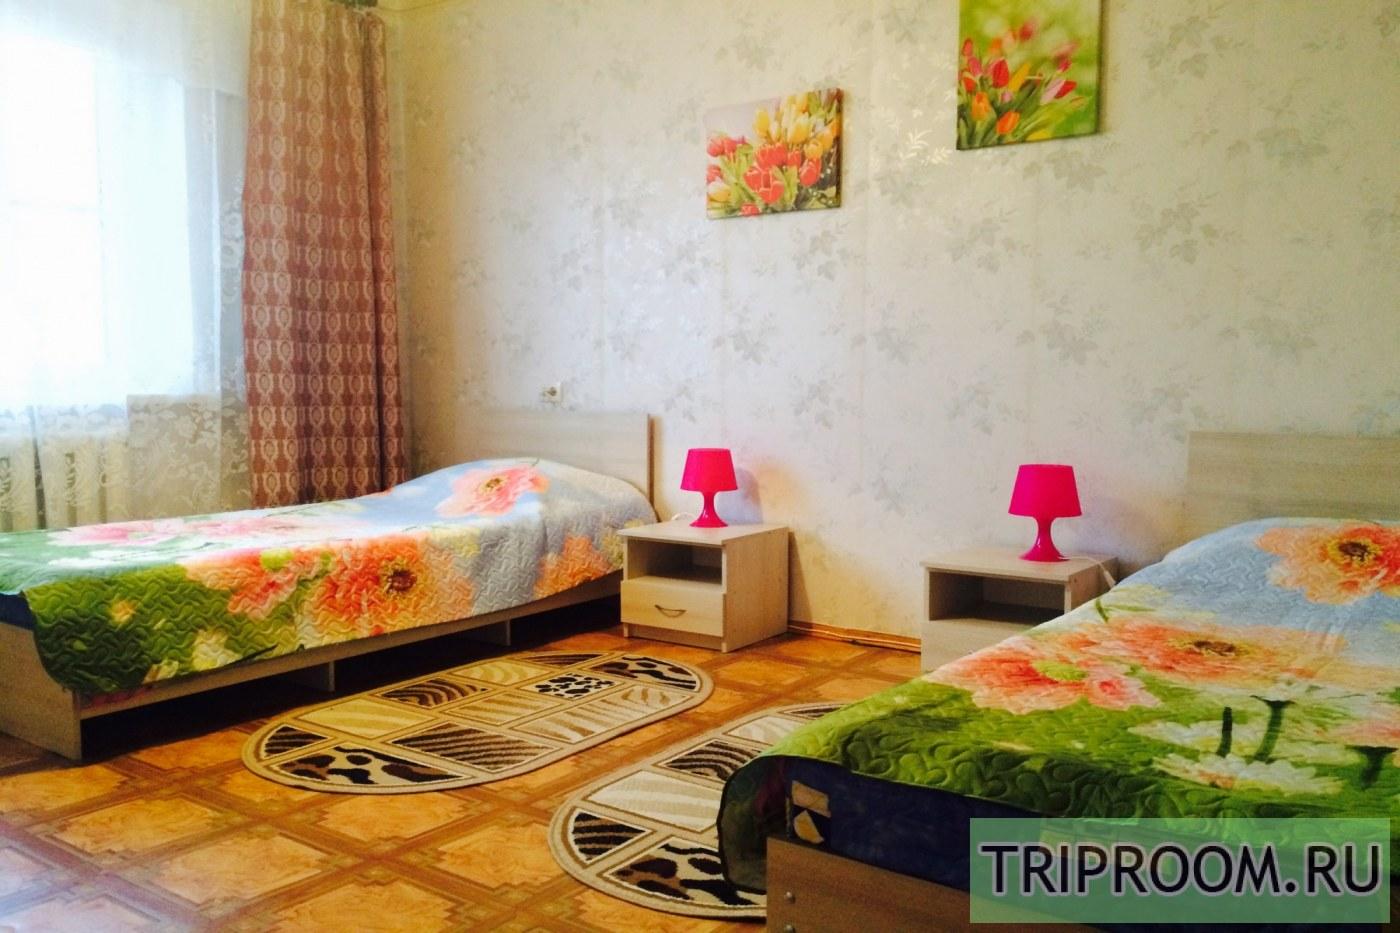 2-комнатная квартира посуточно (вариант № 39428), ул. Таганрогская, фото № 1